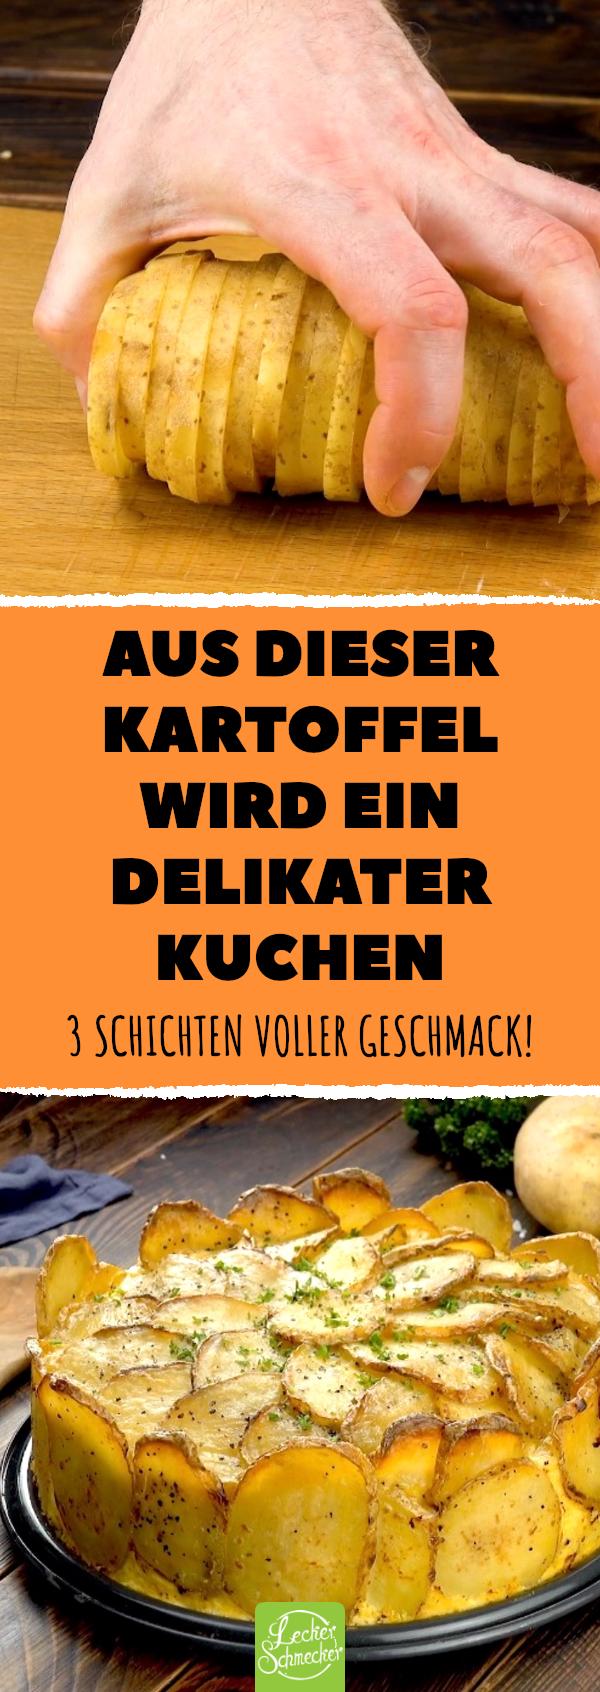 Aus dieser Kartoffel wird ein delikater Kuchen. 3 Schichten voller Geschmack! #lecker #rezepte #kartoffelkuchen #kartoffeln #kuchen #herzhaft #carneconpapas